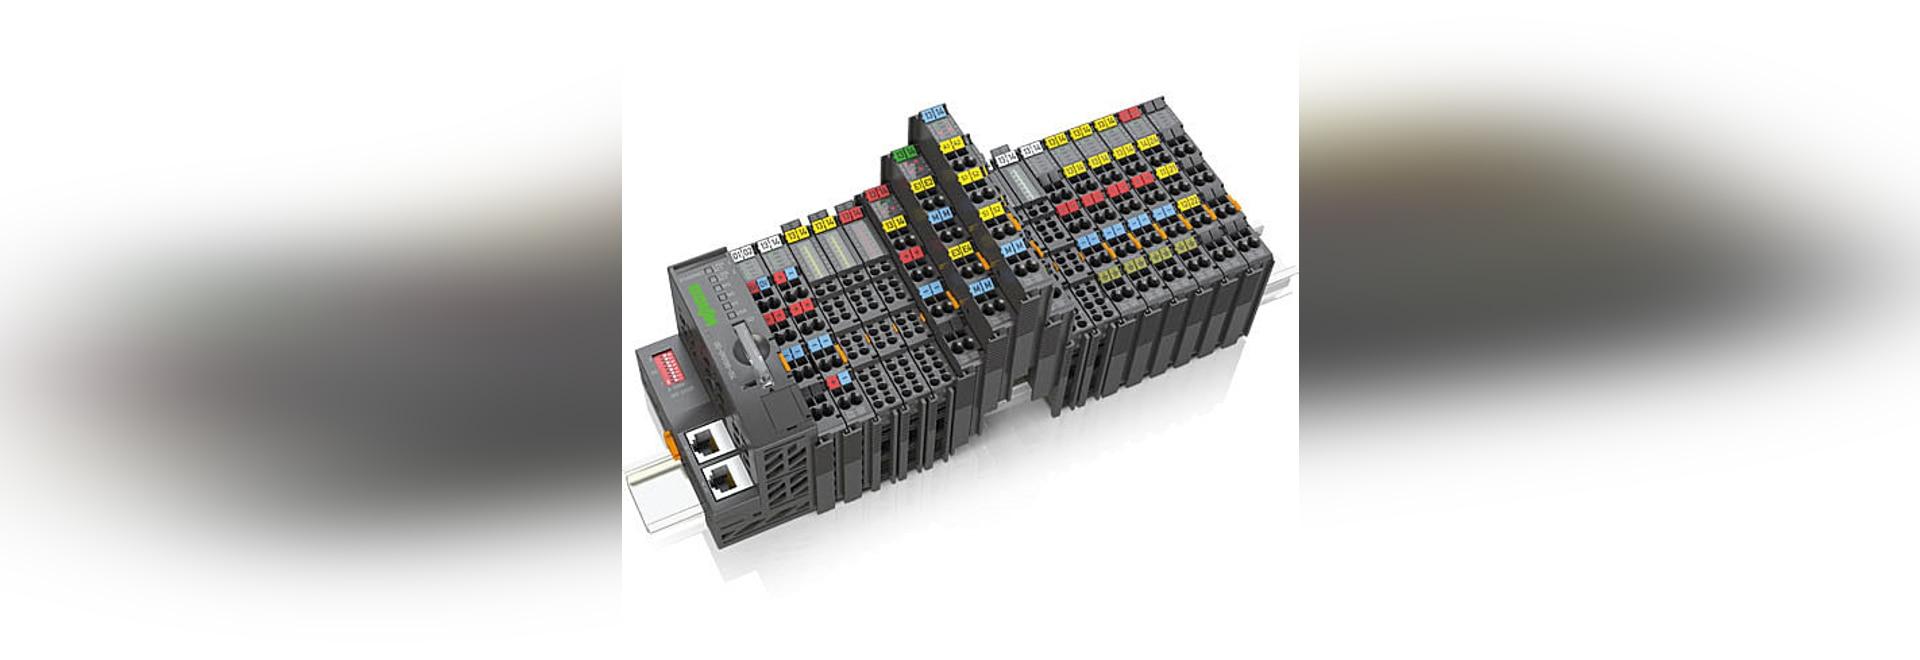 Automazione illimitata negli ambienti estremi il WAGO-I/O-SYSTEM 750 XTR